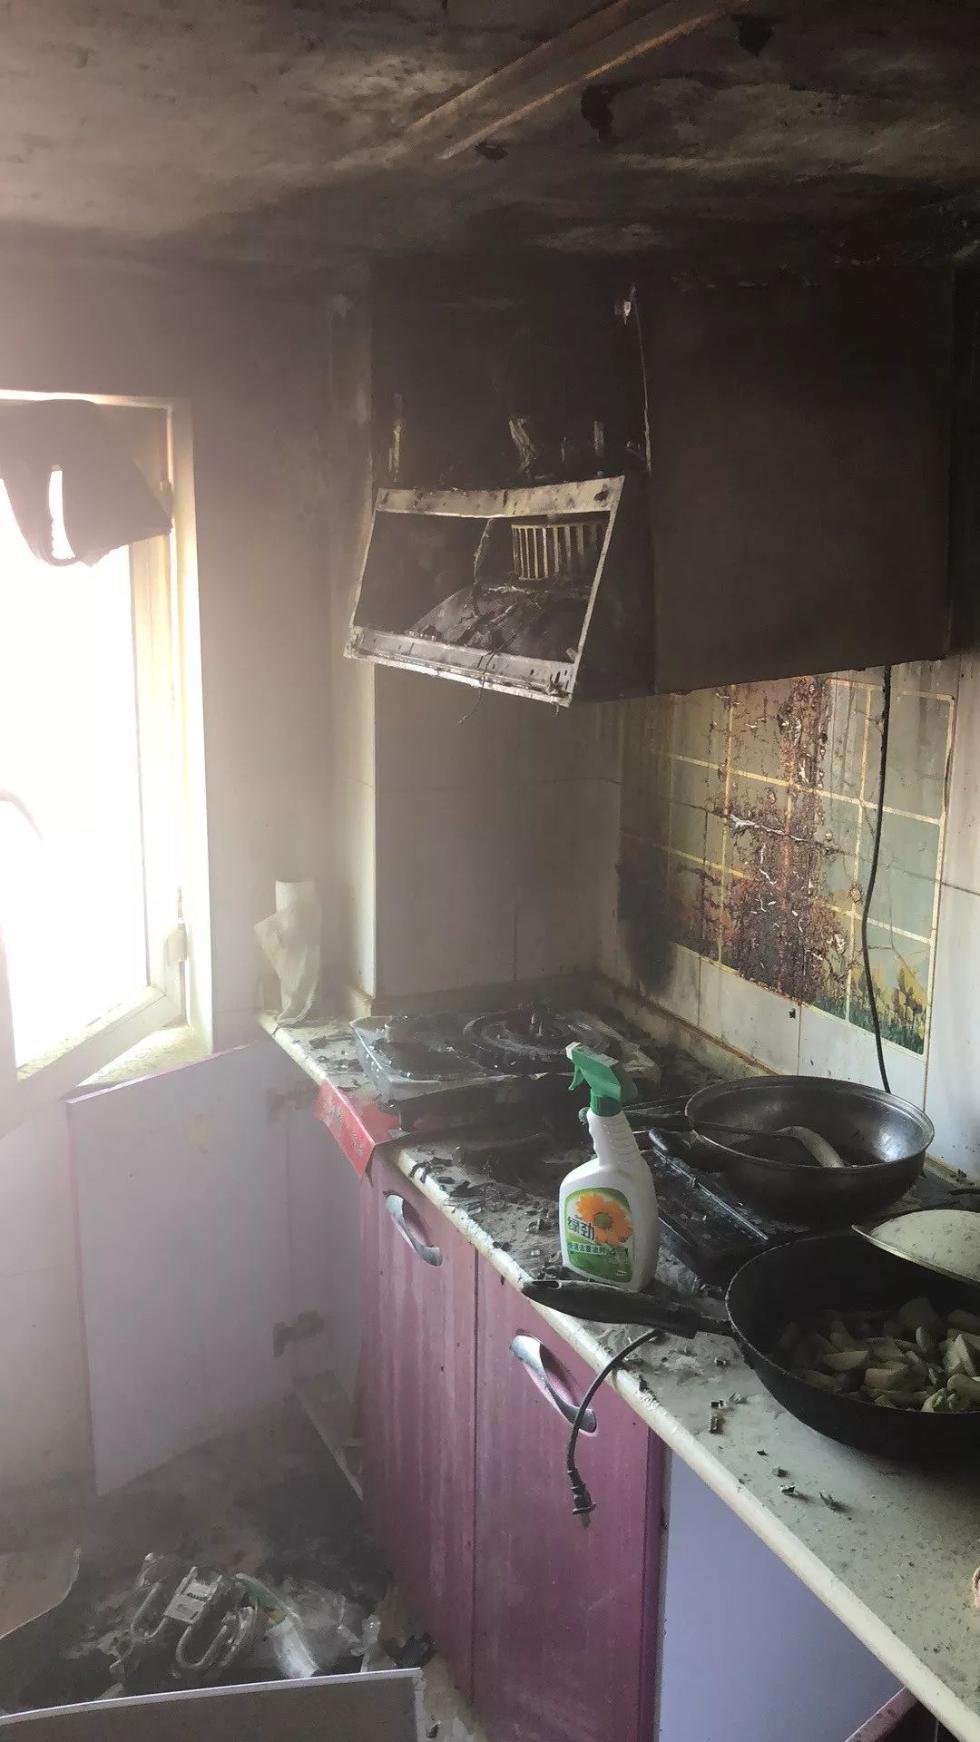 锡林浩特市一居民家厨房起火!厨房火灾怎么预防?